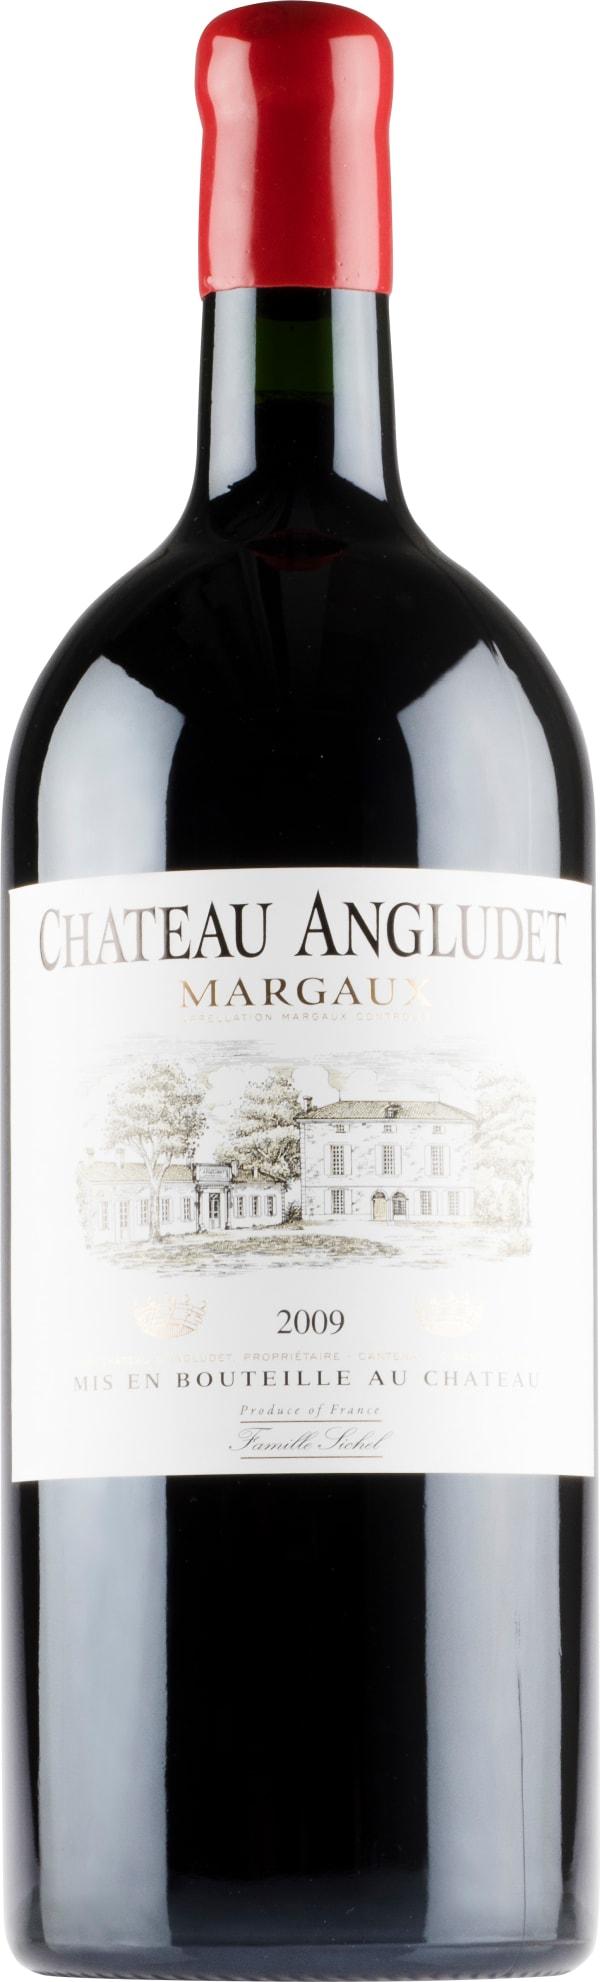 Château Angludet 2009